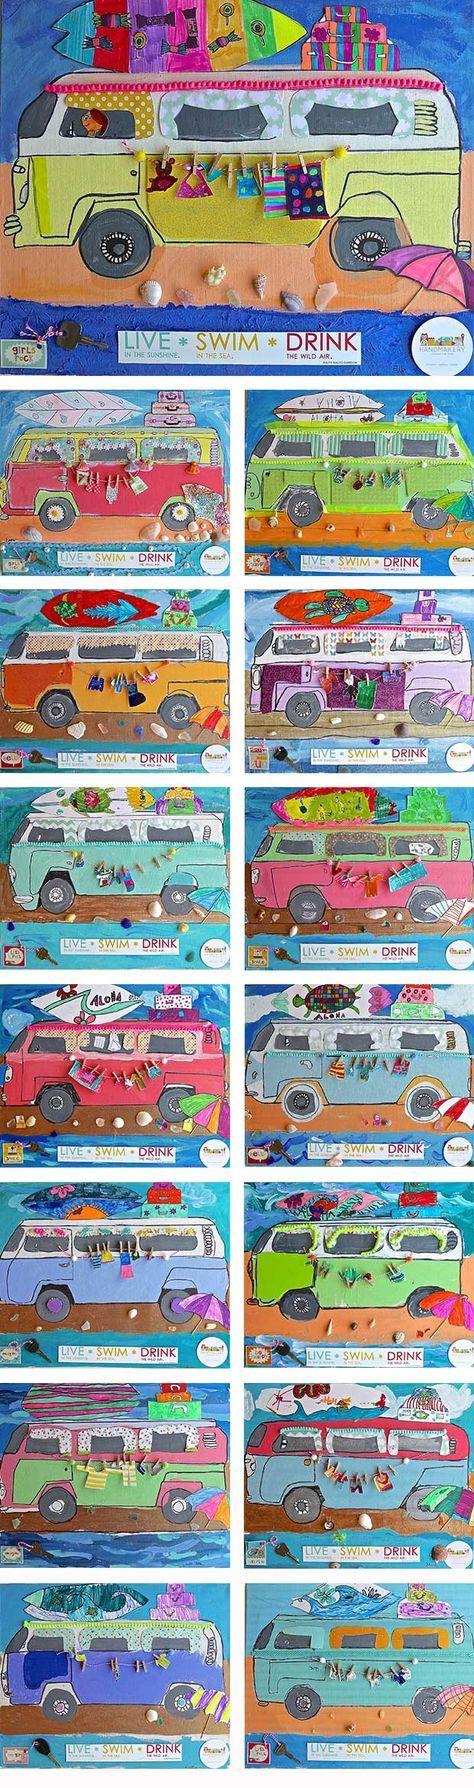 camper van on canvas | www.handmakery.com